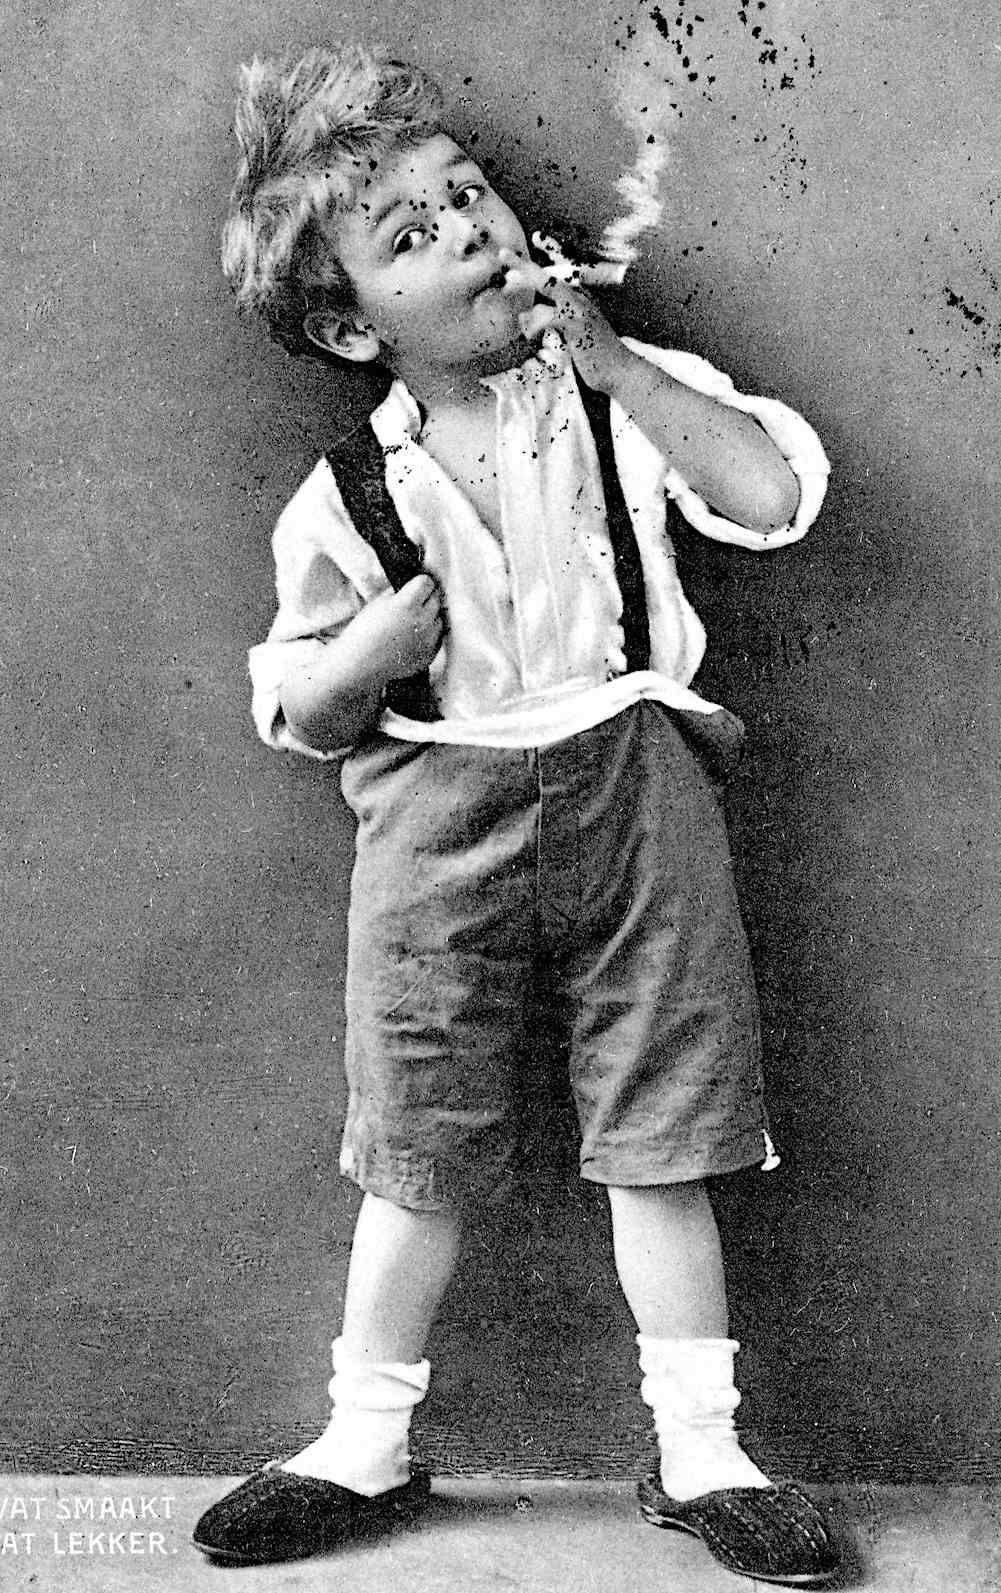 1912 Dutch tobacco advertisement, What smaakt dat Lekker, a little boy smoking